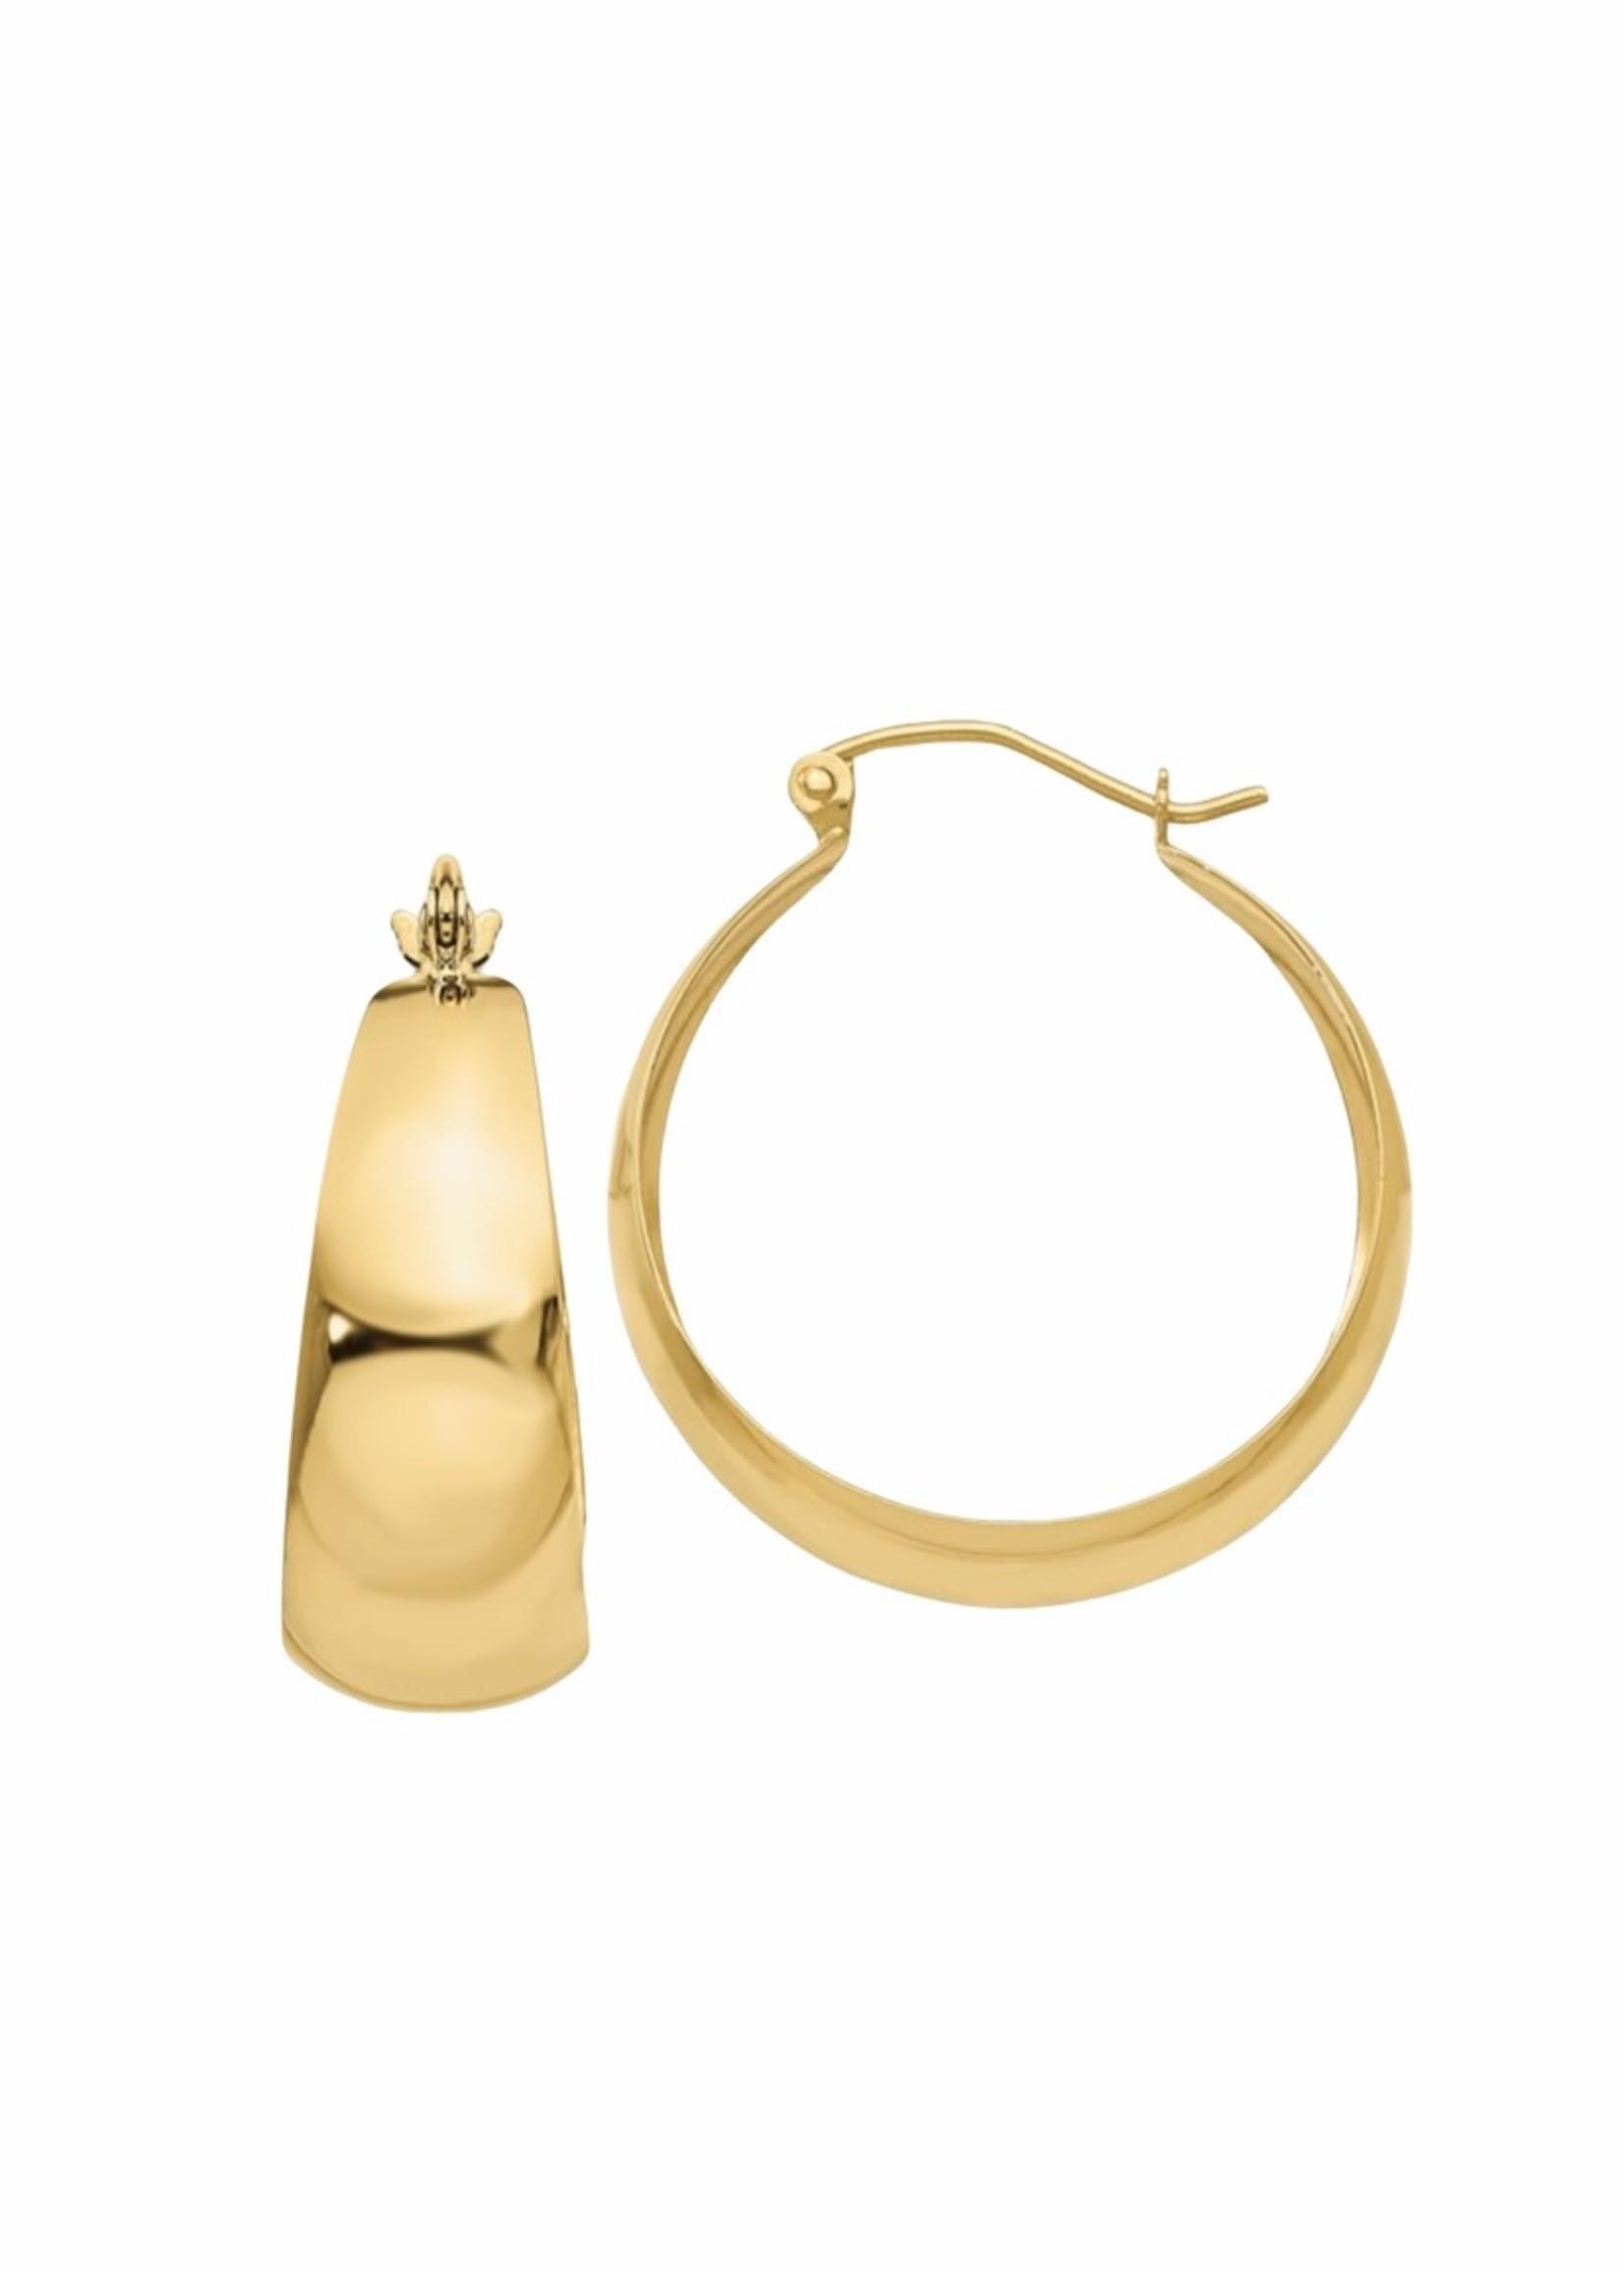 Jill Alberts Tapered Hoop Earrings